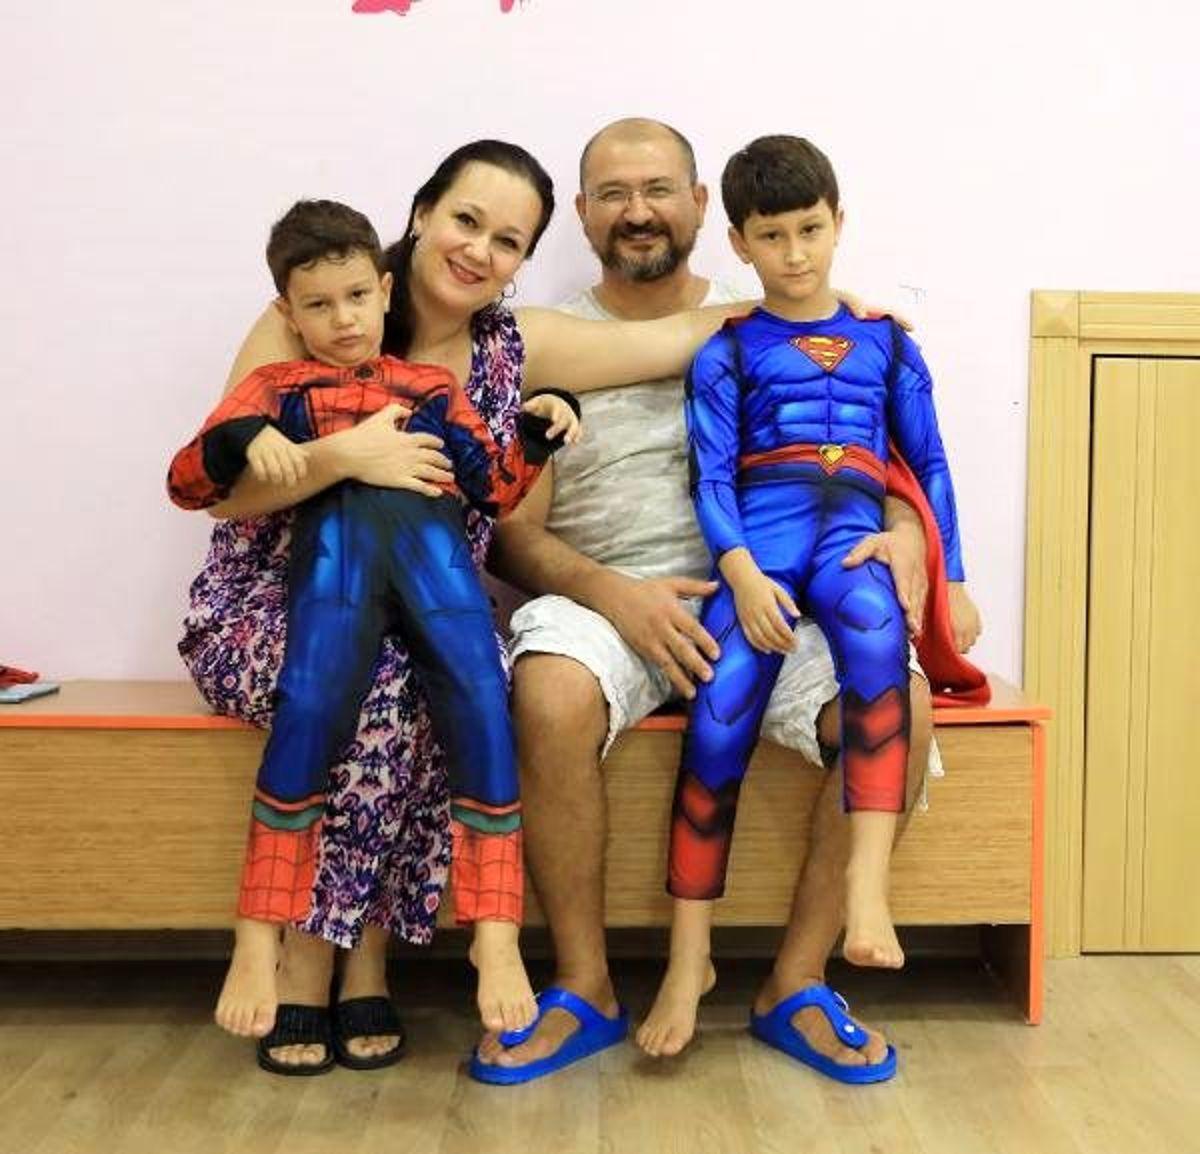 Türk erkekleri ile evlenmek isteyen yabancılar